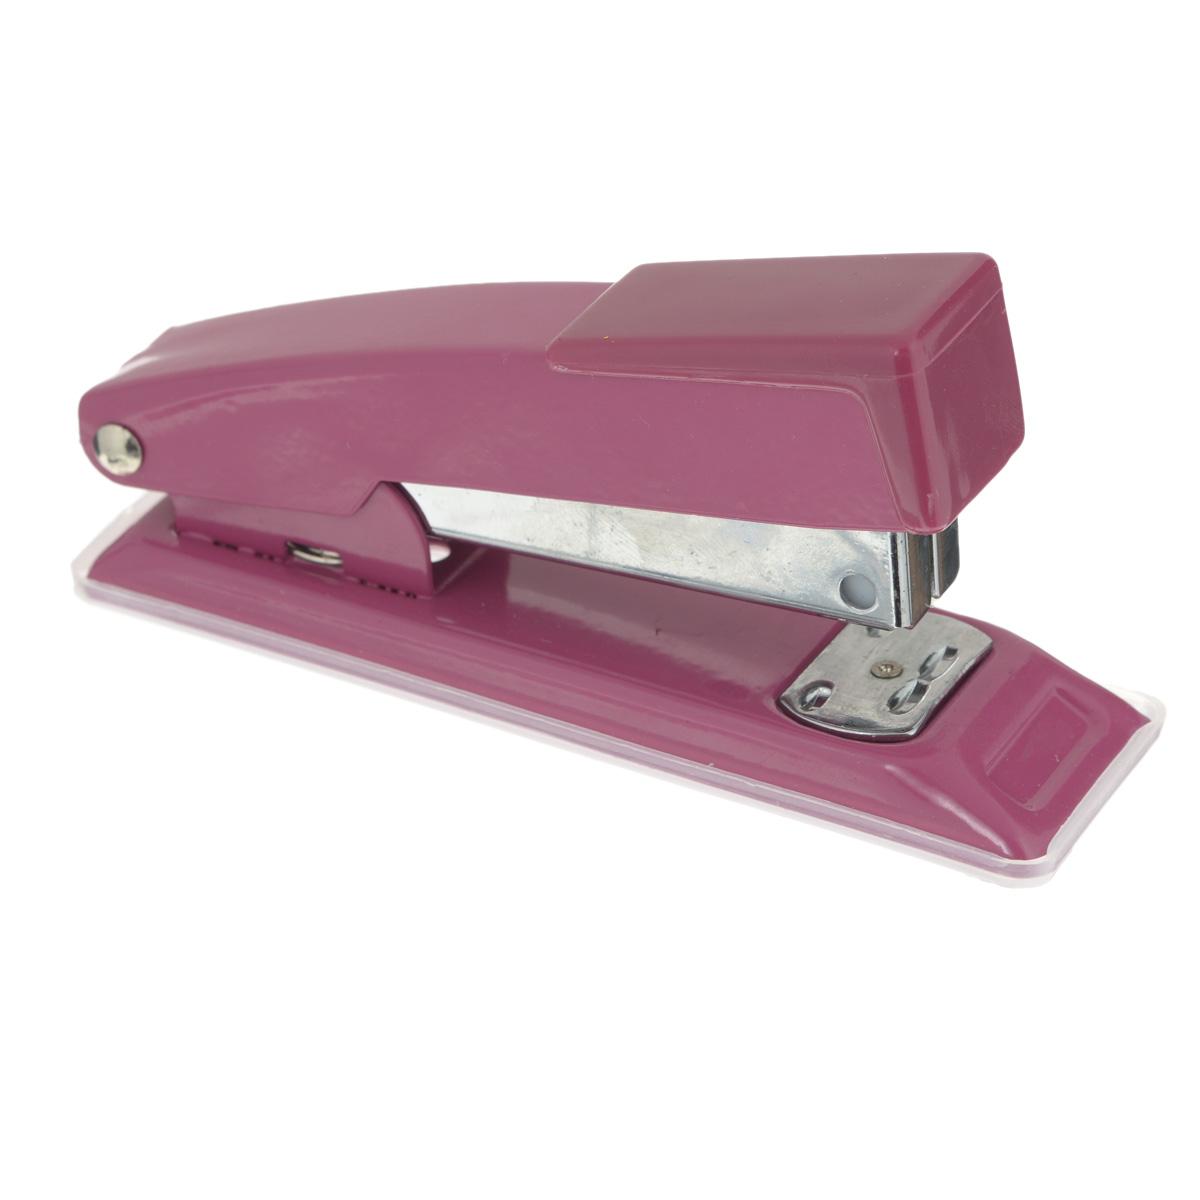 Centrum Степлер для скоб №24/6, 26/6 цвет розовый - Степлеры, дыроколы